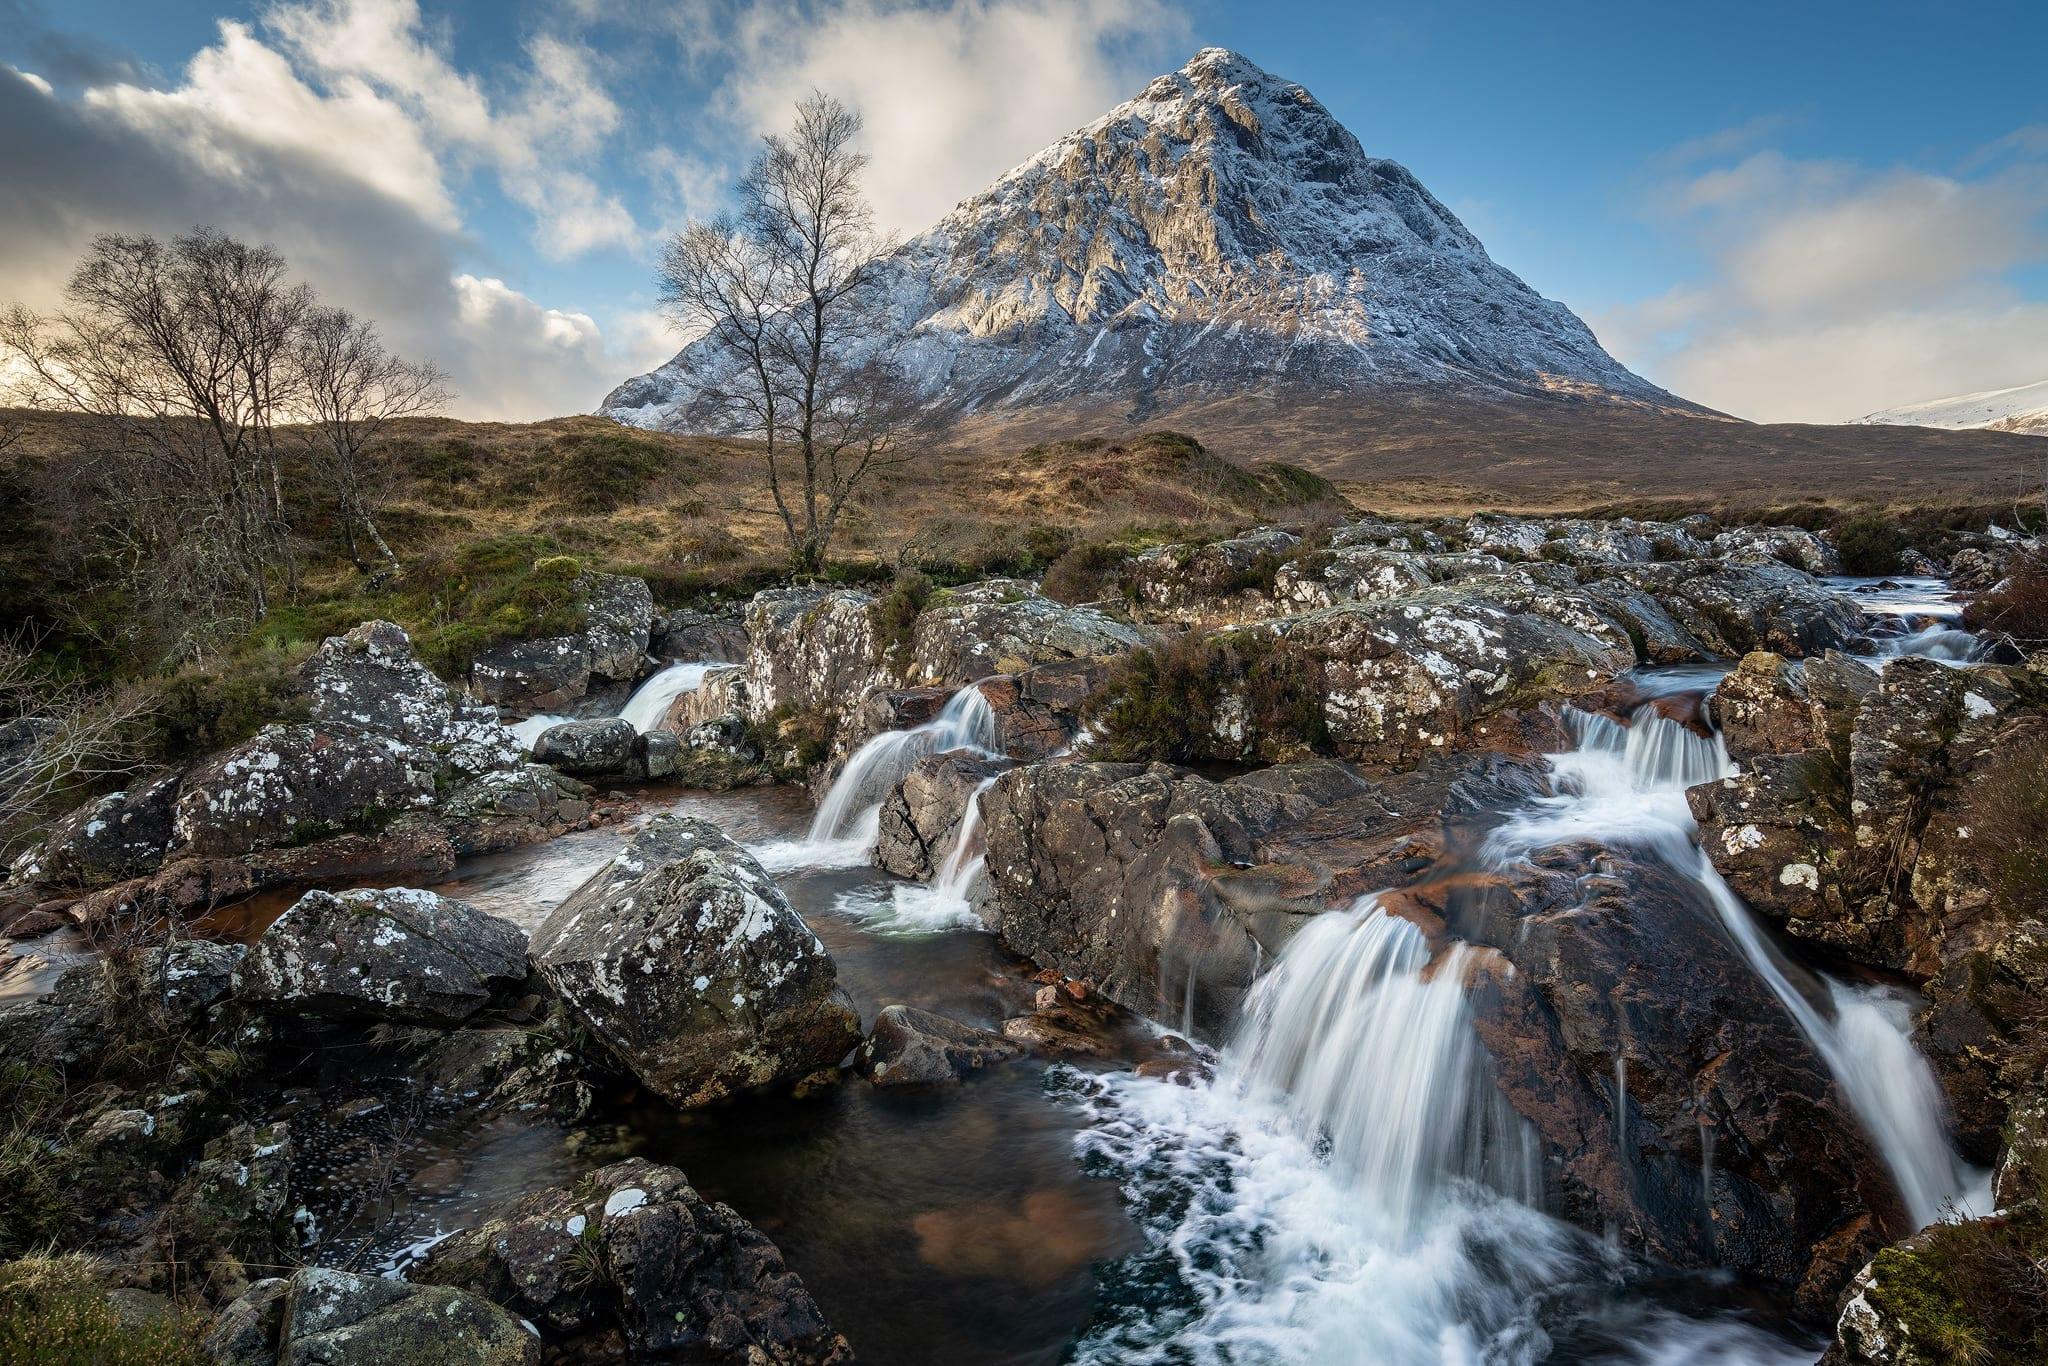 Buachaille Etive Mor - Scotland Landscape Photography